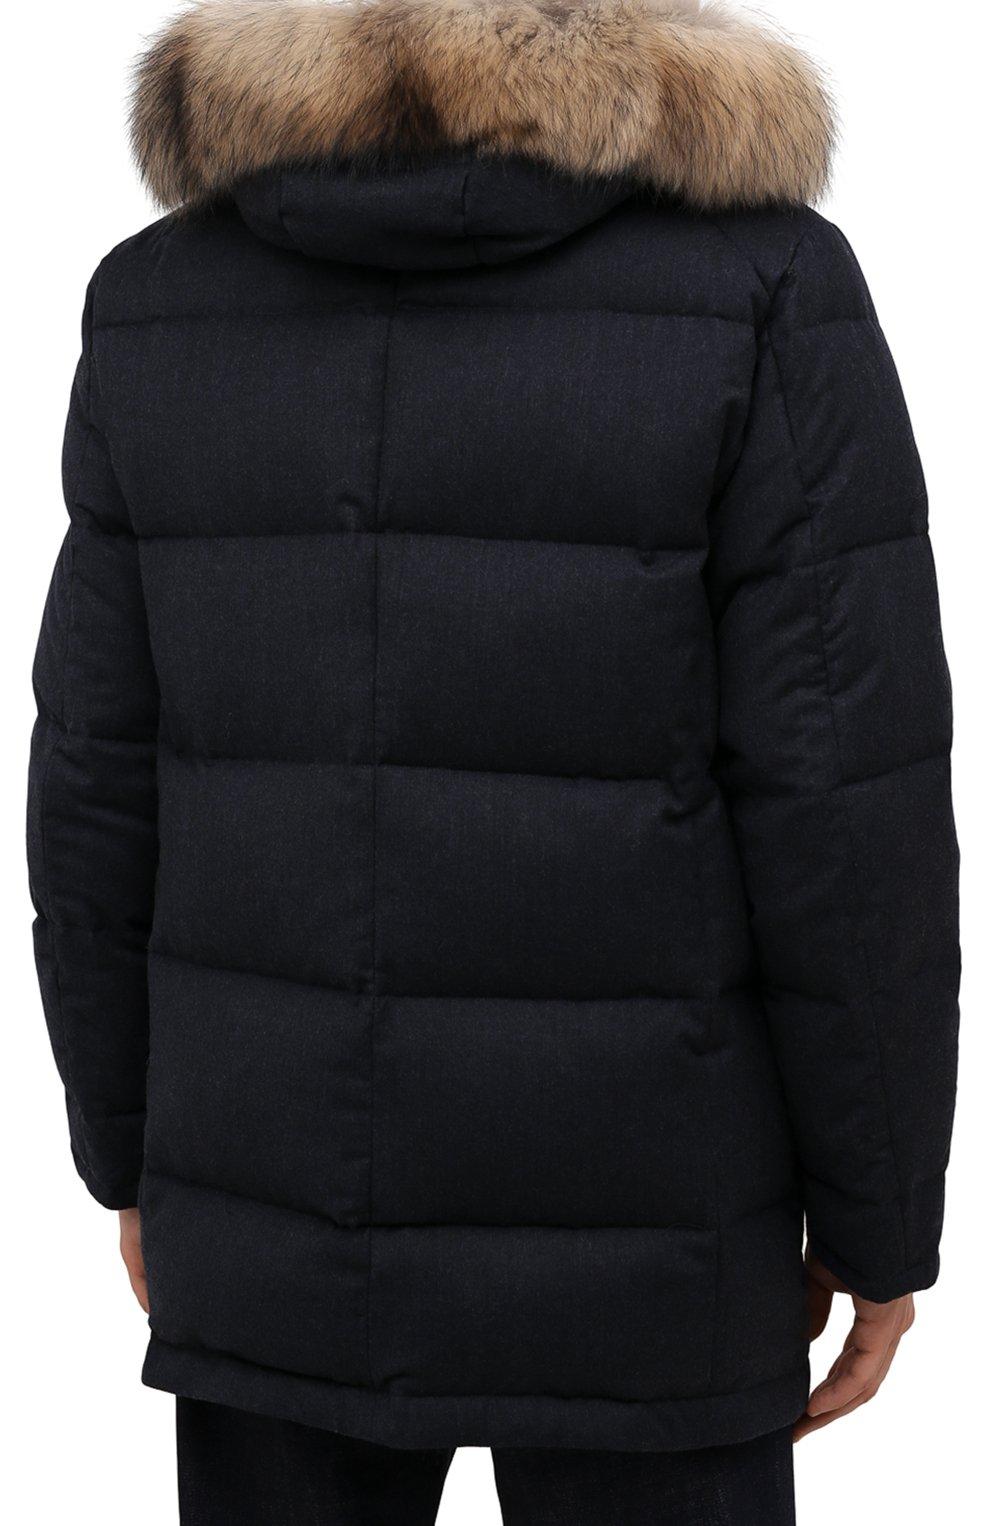 Мужская пуховик с меховой отделкой KIRED синего цвета, арт. WANIEW7405008002   Фото 4 (Кросс-КТ: Куртка; Мужское Кросс-КТ: пуховик-короткий; Материал внешний: Шерсть; Рукава: Длинные; Длина (верхняя одежда): До середины бедра; Материал подклада: Синтетический материал; Материал утеплителя: Пух и перо; Стили: Кэжуэл)